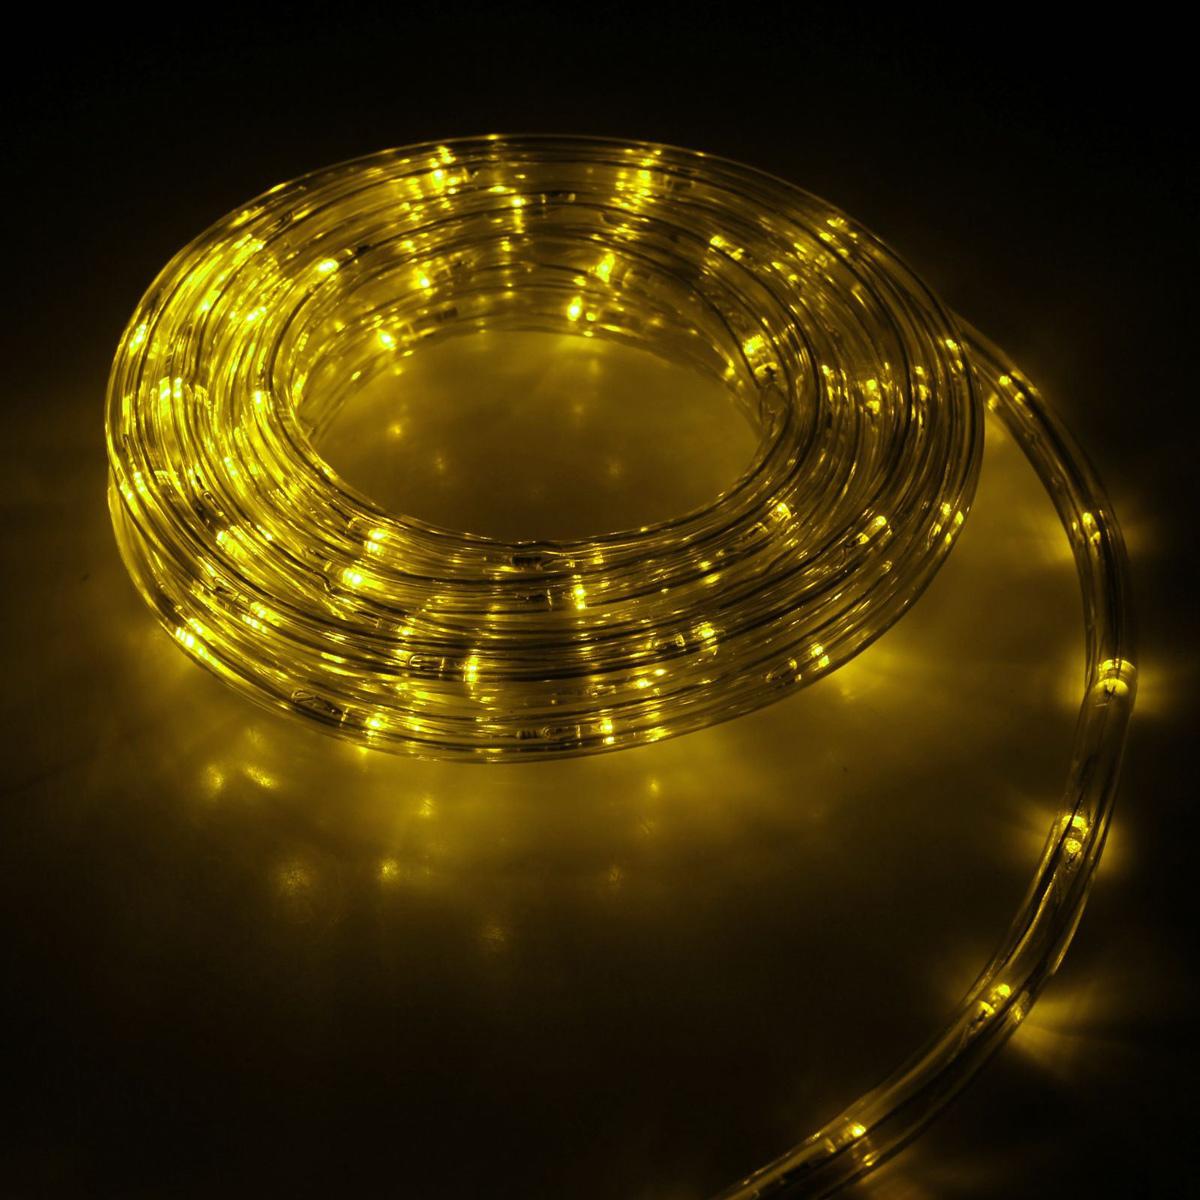 Гирлянда светодиодная Luazon, 440 ламп, 8 режимов, 220 V, цвет: желтый, 1 см х 20 м. 15898371589837Светодиодные гирлянды, ленты и т.д — это отличный вариант для новогоднего оформления интерьера или фасада. С их помощью помещение любого размера можно превратить в праздничный зал, а внешние элементы зданий, украшенные ими, мгновенно станут напоминать очертания сказочного дворца. Такие украшения создают ауру предвкушения чуда. Деревья, фасады, витрины, окна и арки будто специально созданы, чтобы вы украсили их светящимися нитями.